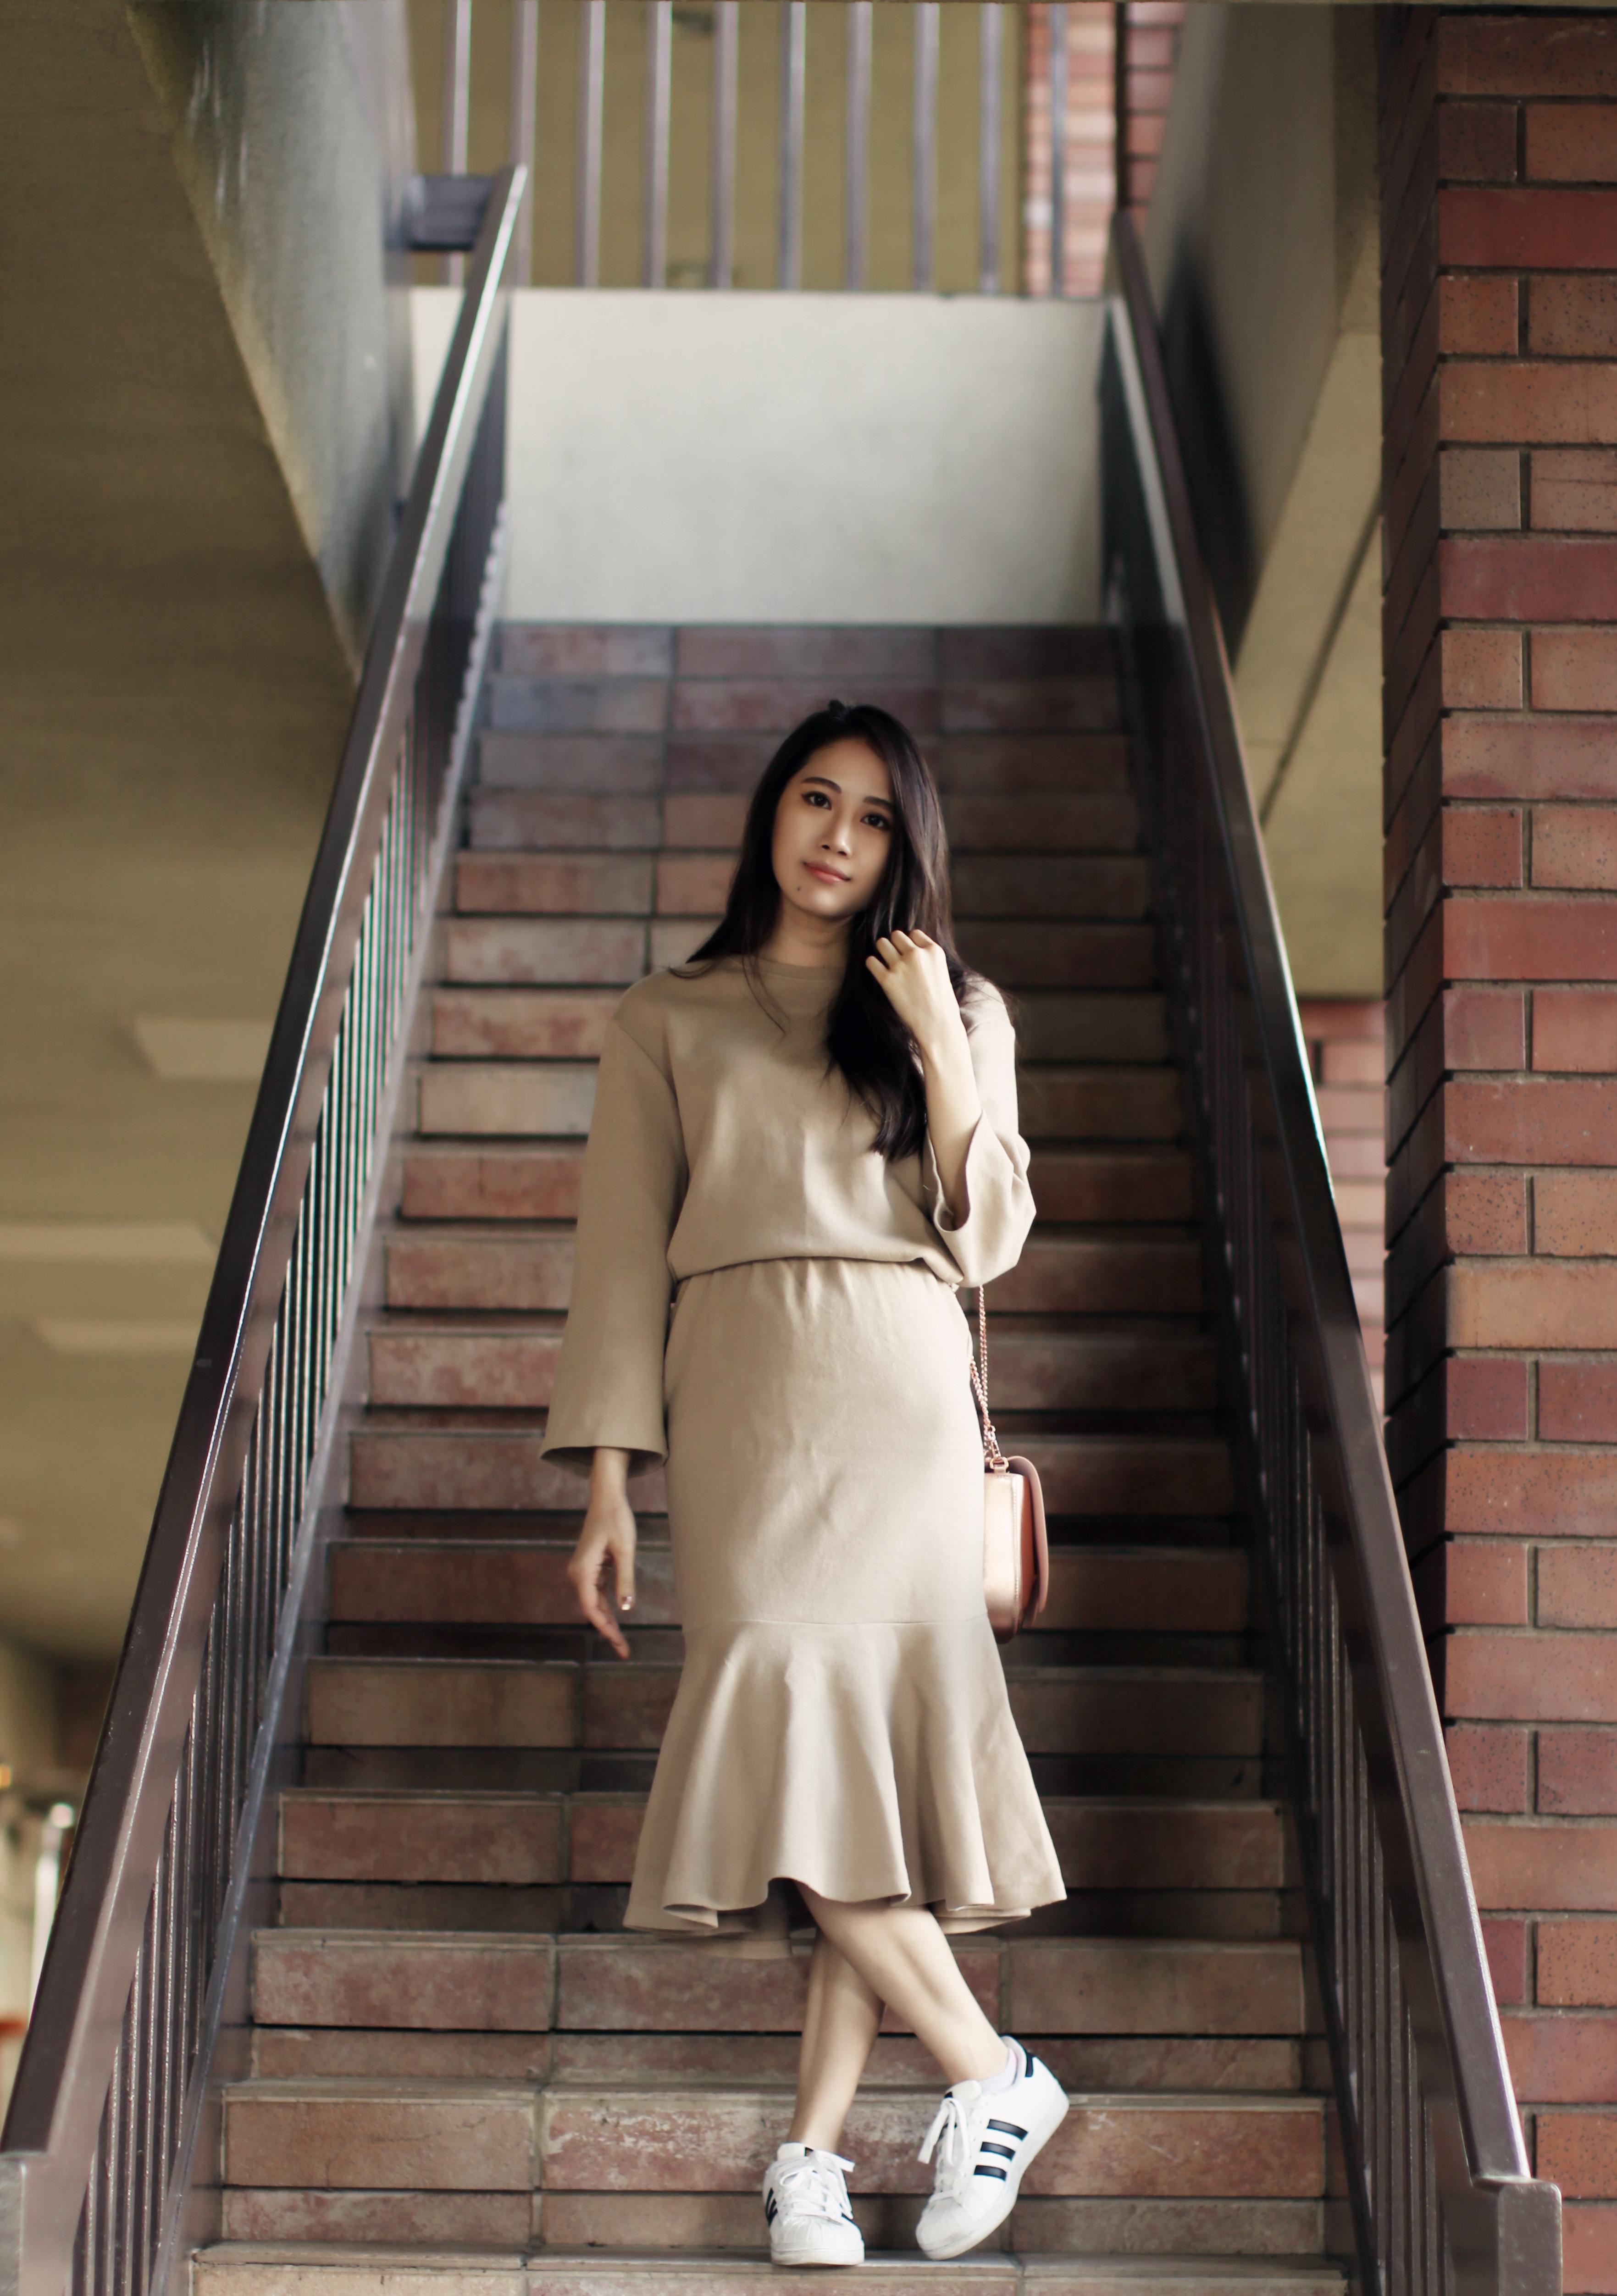 4588-ootd-fashion-style-outfitoftheday-wiwt-streetstyle-SSUMJ-SSUMJxME-adidas-tedbaker-koreanfashion-elizabeeetht-clothestoyouuu